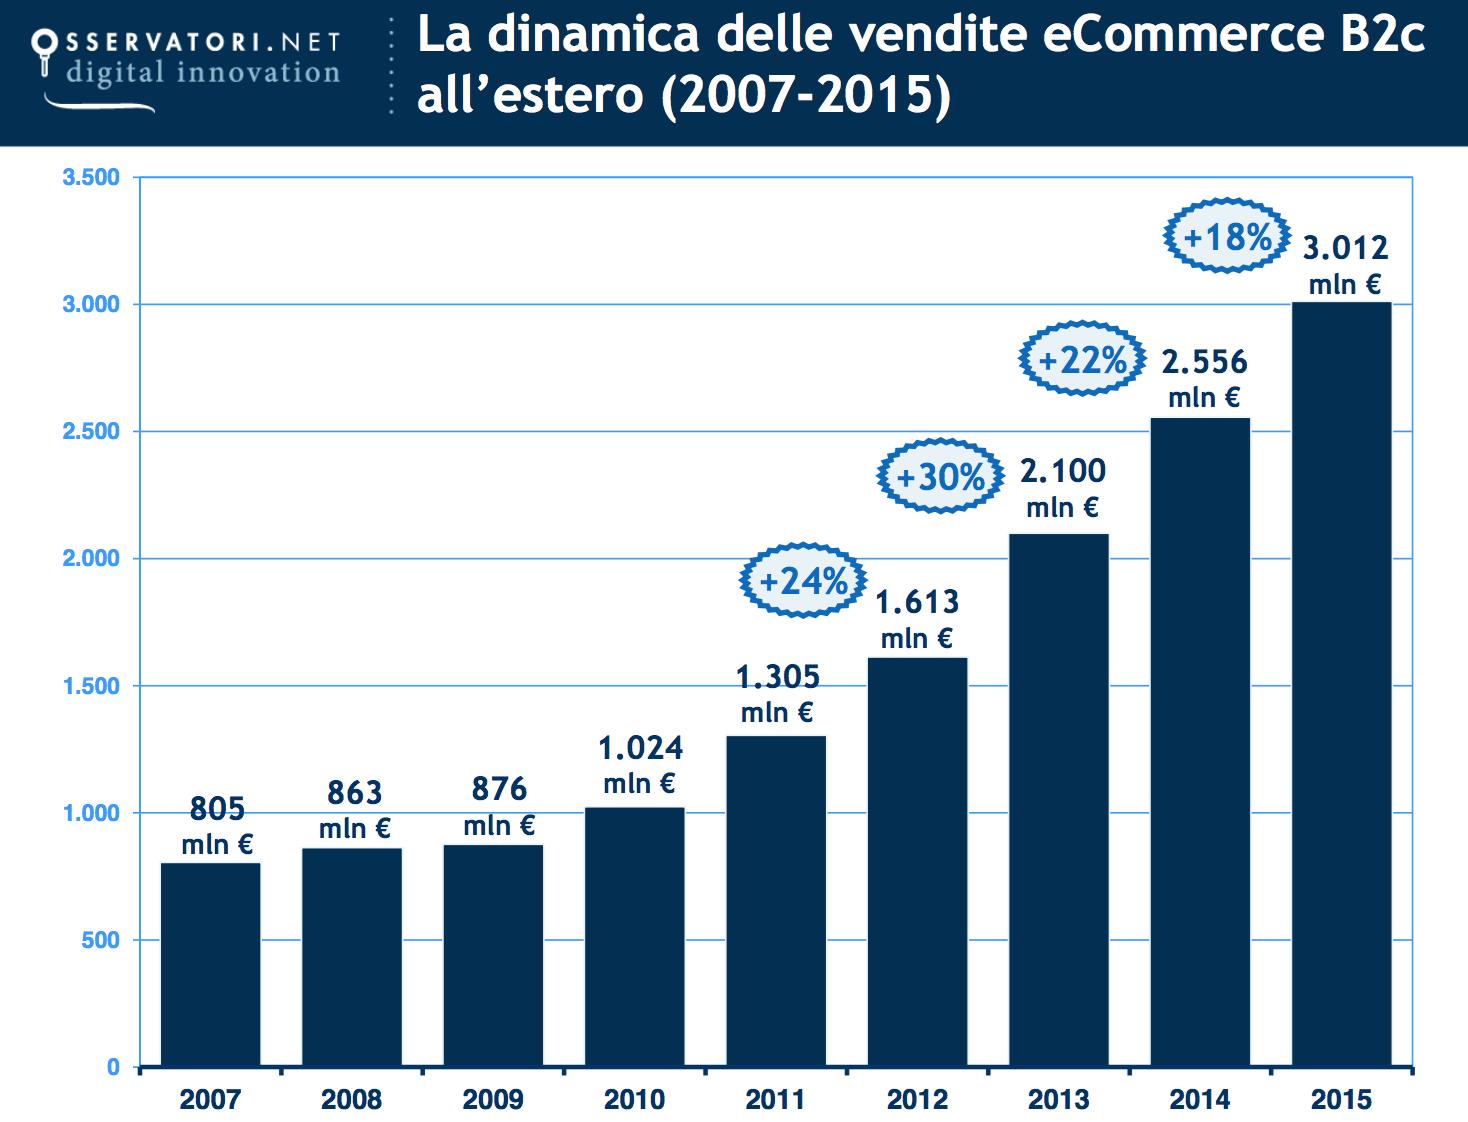 crescita-fatturato-ecommerce-estero-2015-osservatori